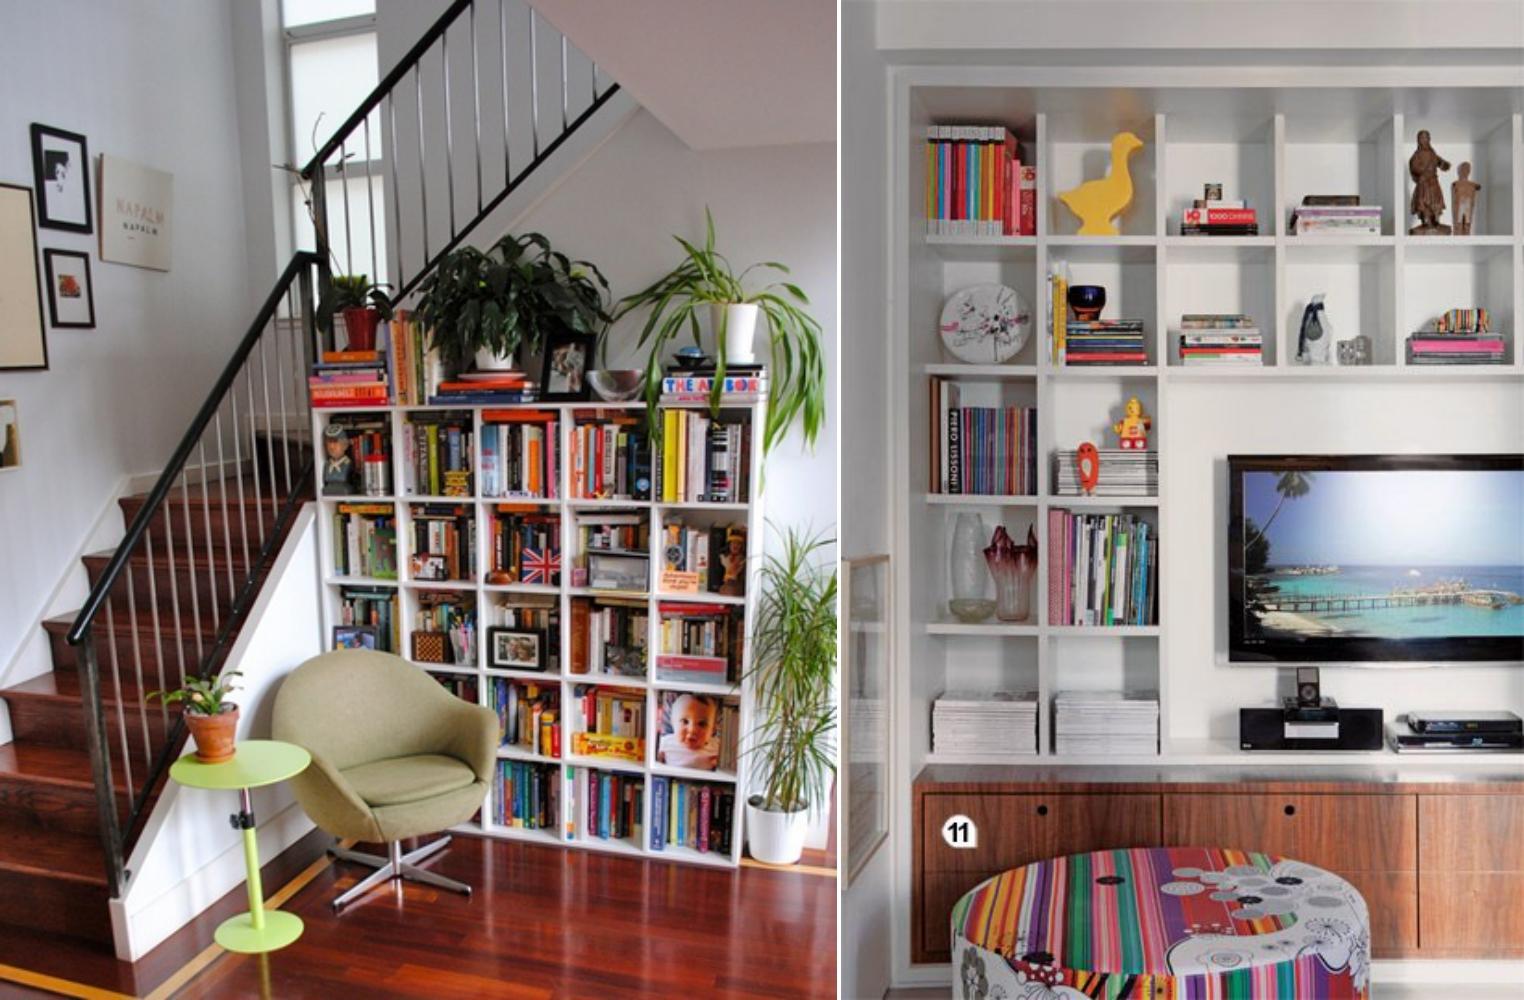 decoracao-com-estantes-com-livros-